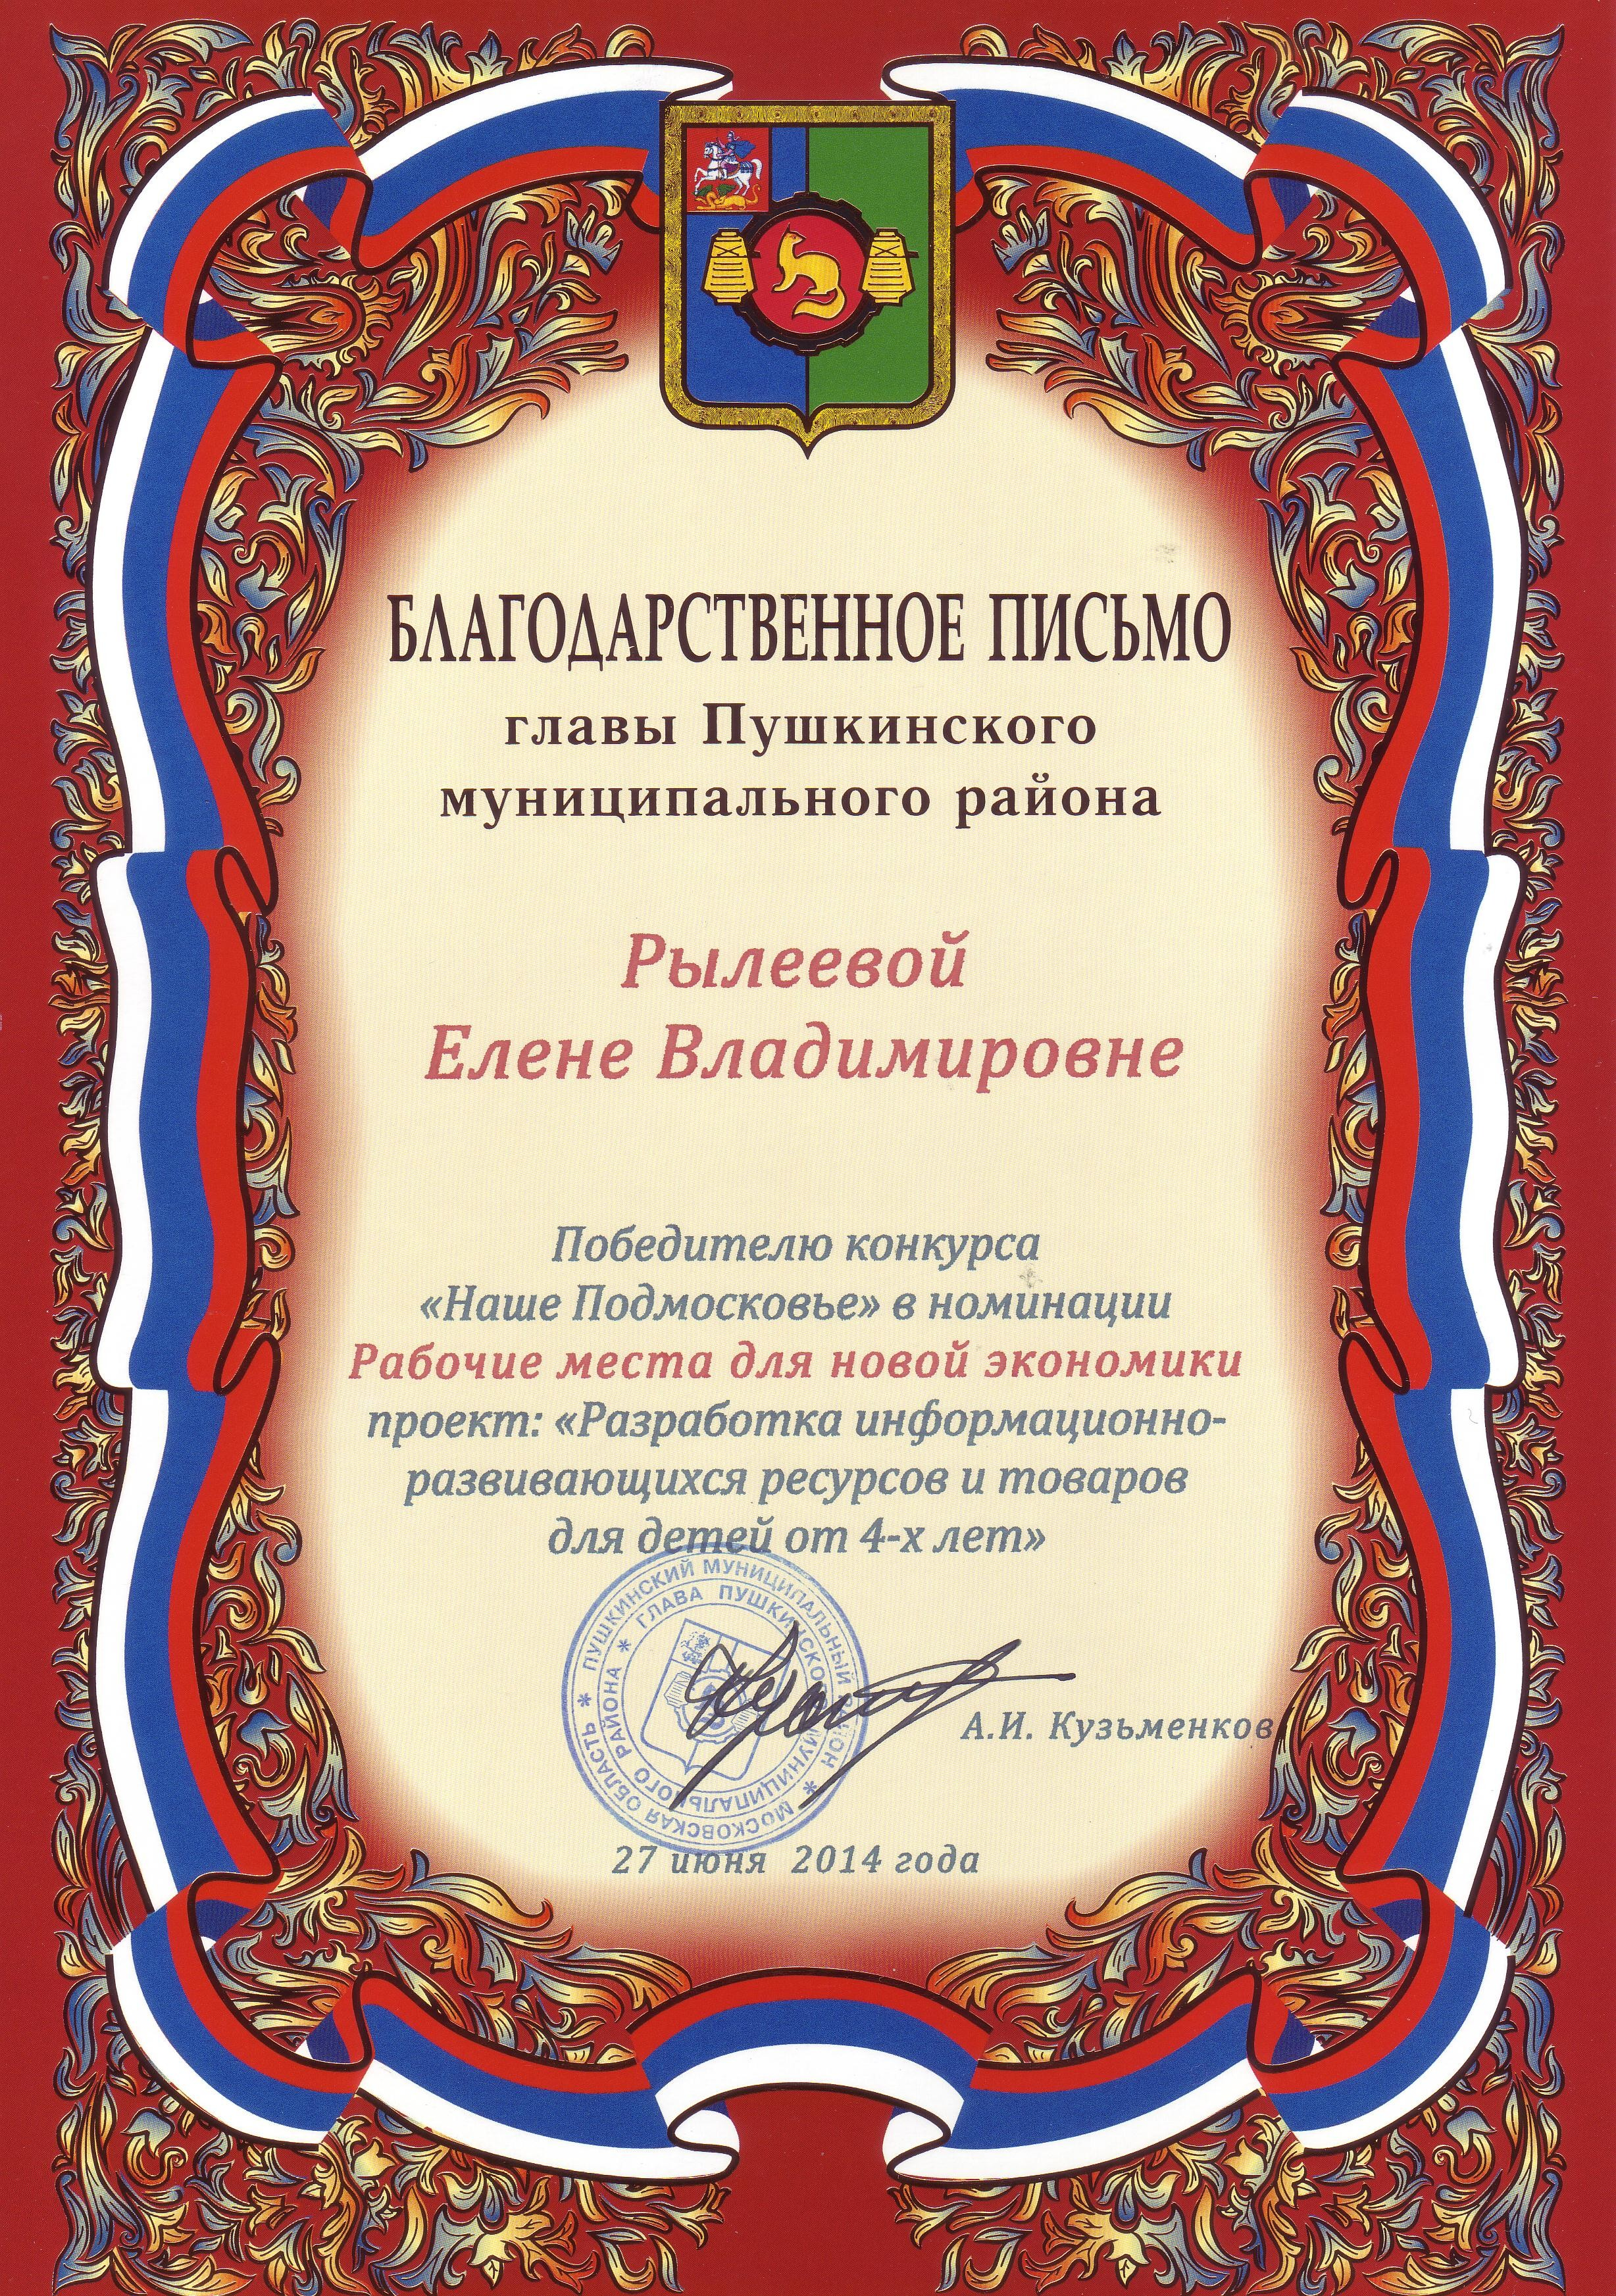 Поздравление главы поселения с юбилеем села